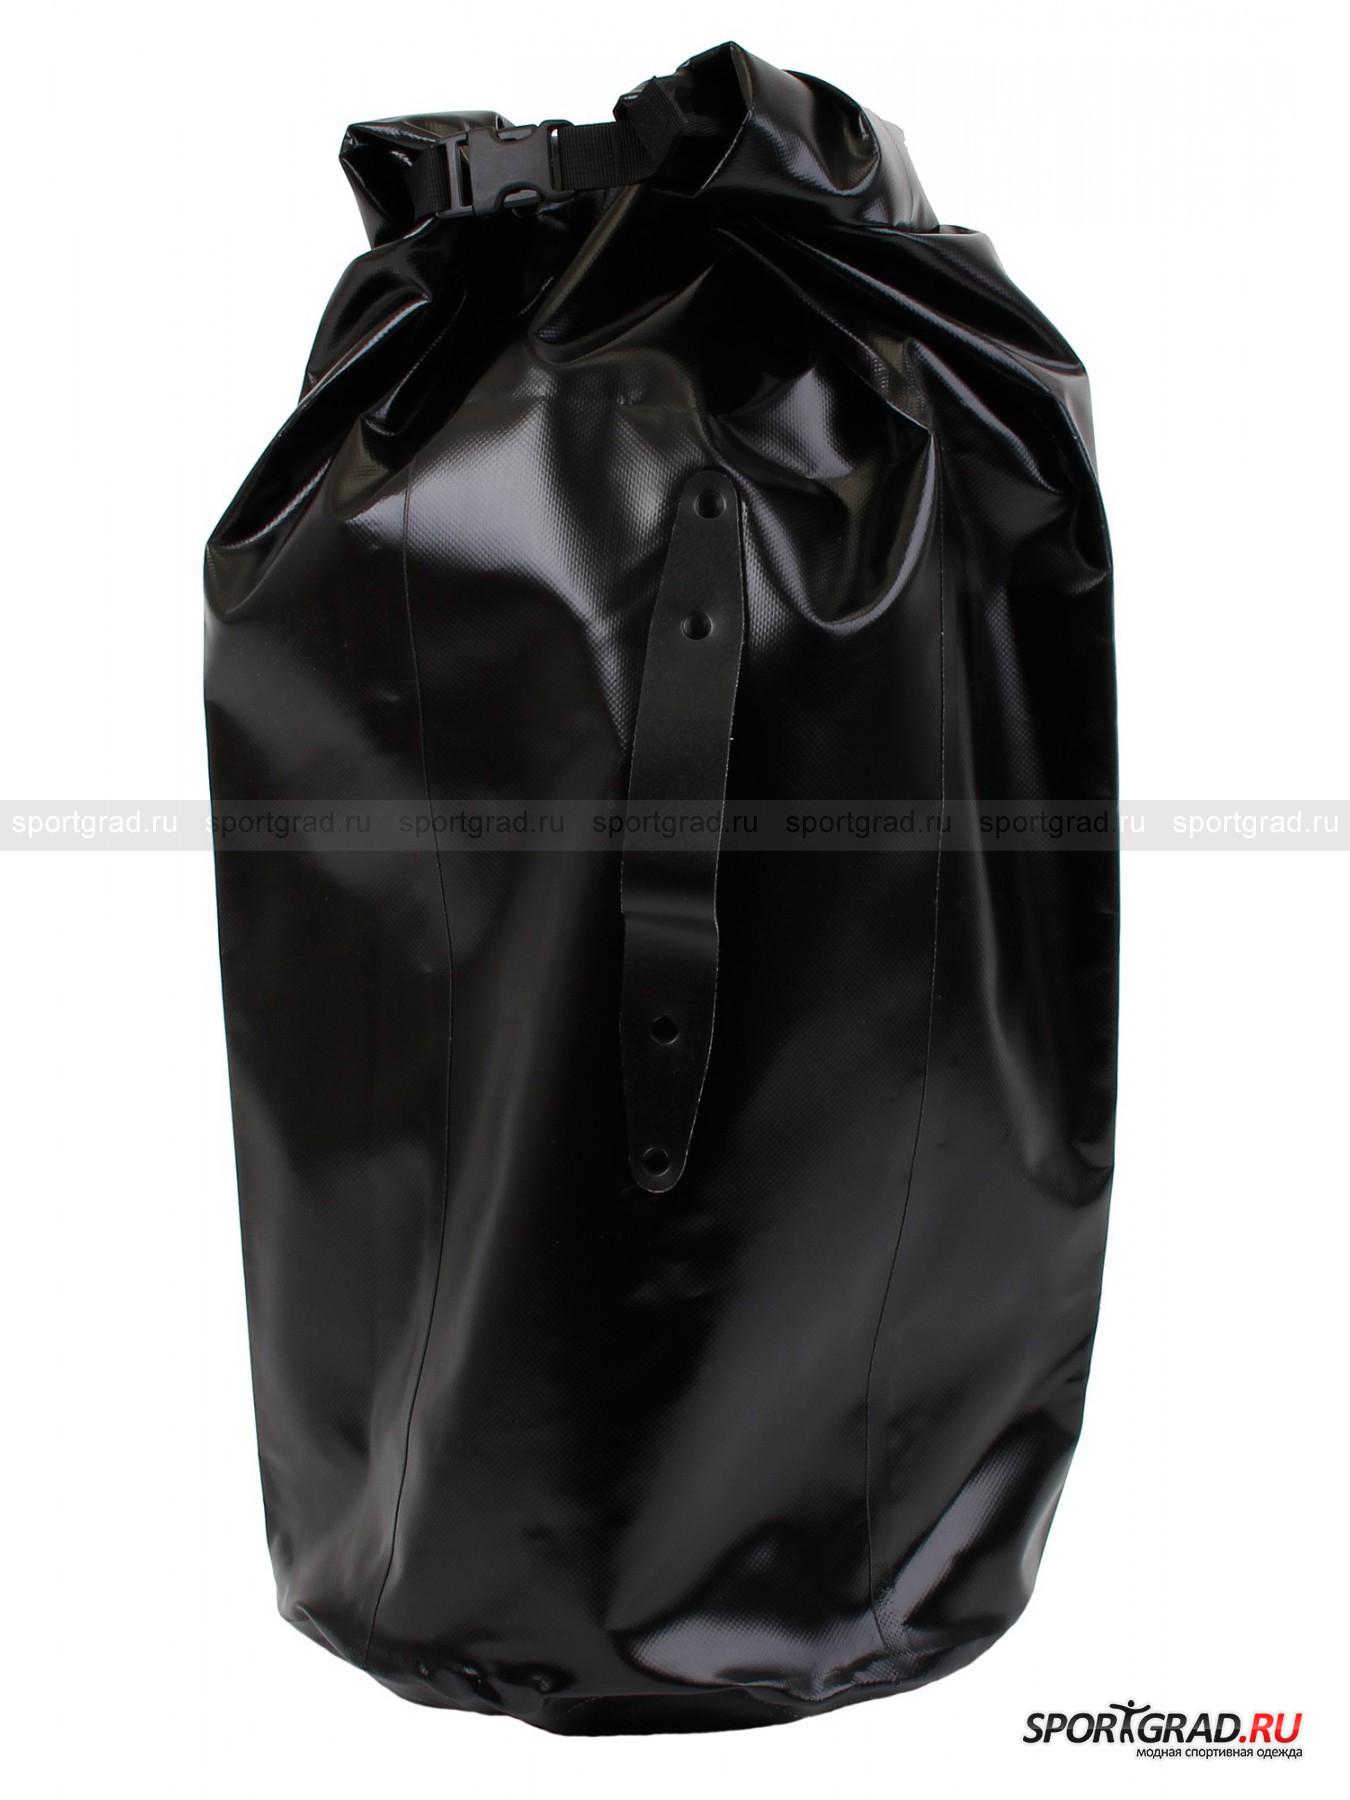 Мото-сумка Dry Bag Classic ORTLIEB от Спортград